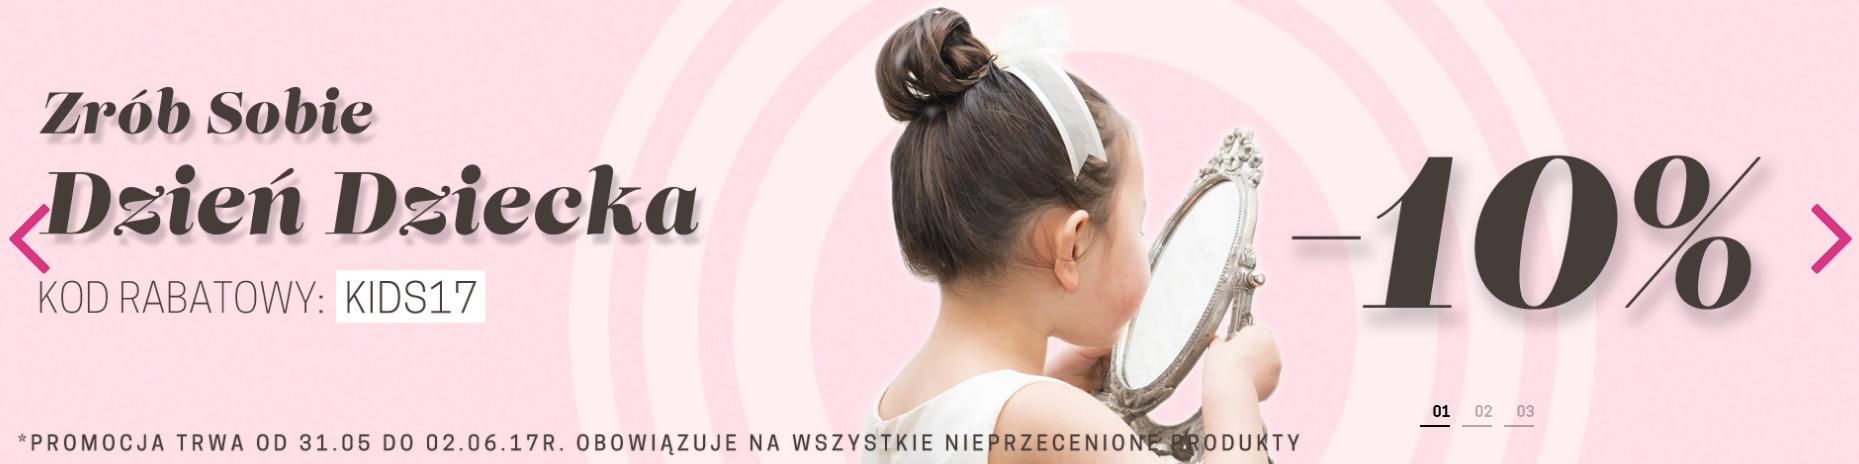 Cocolita: 10% zniżki na kosmetyki z okazji Dnia Dziecka